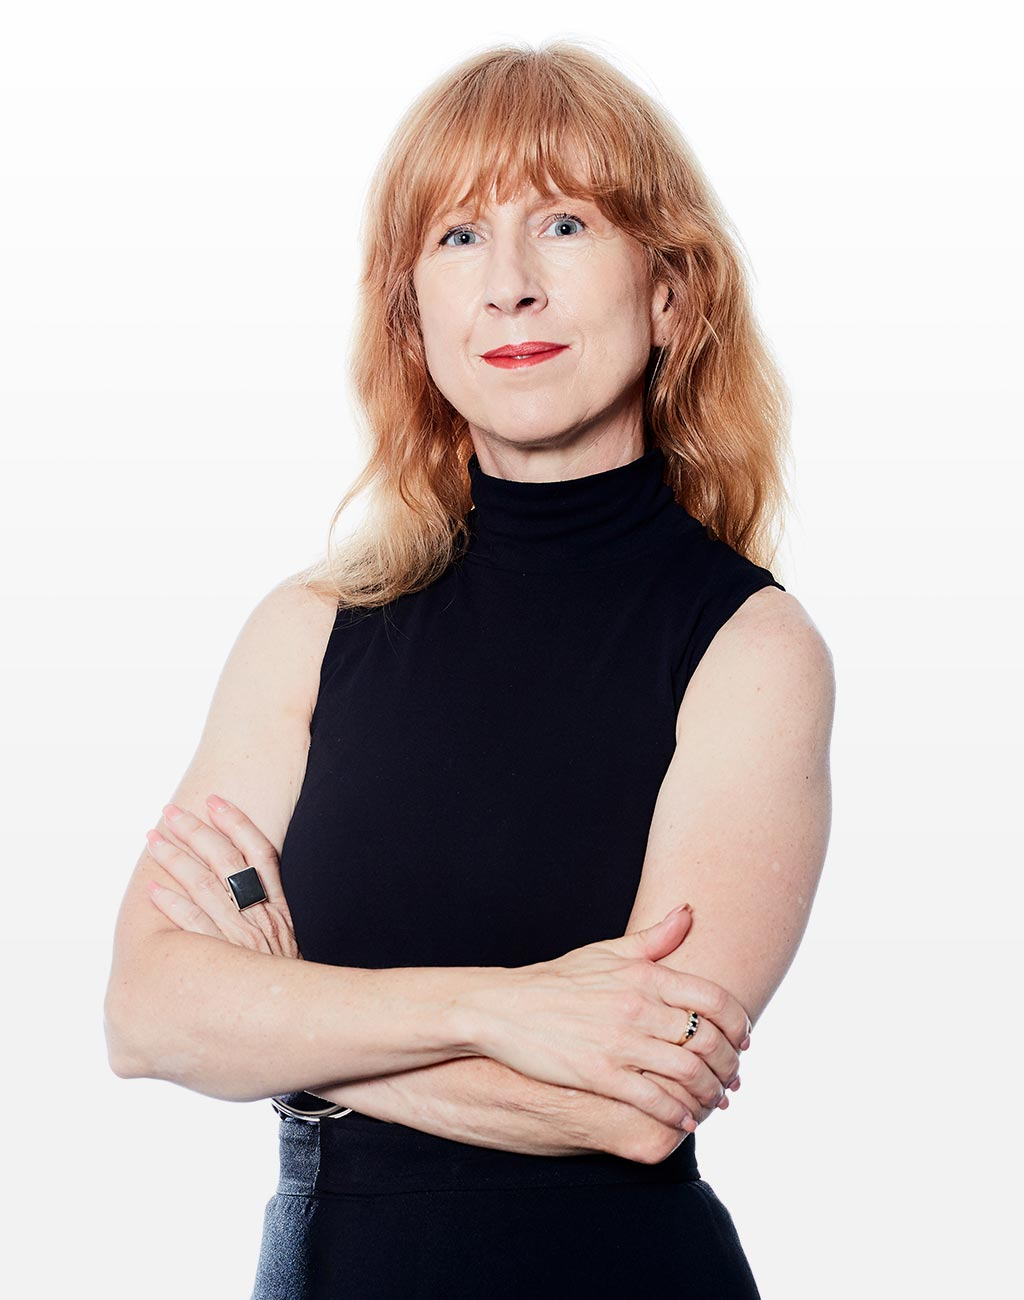 Valerie Mack